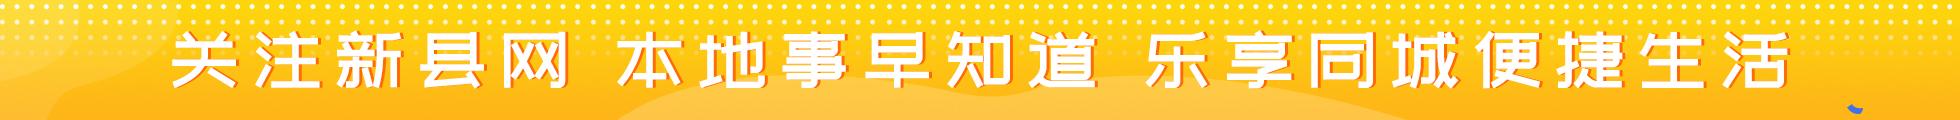 新县网微信宣传【新县话题】